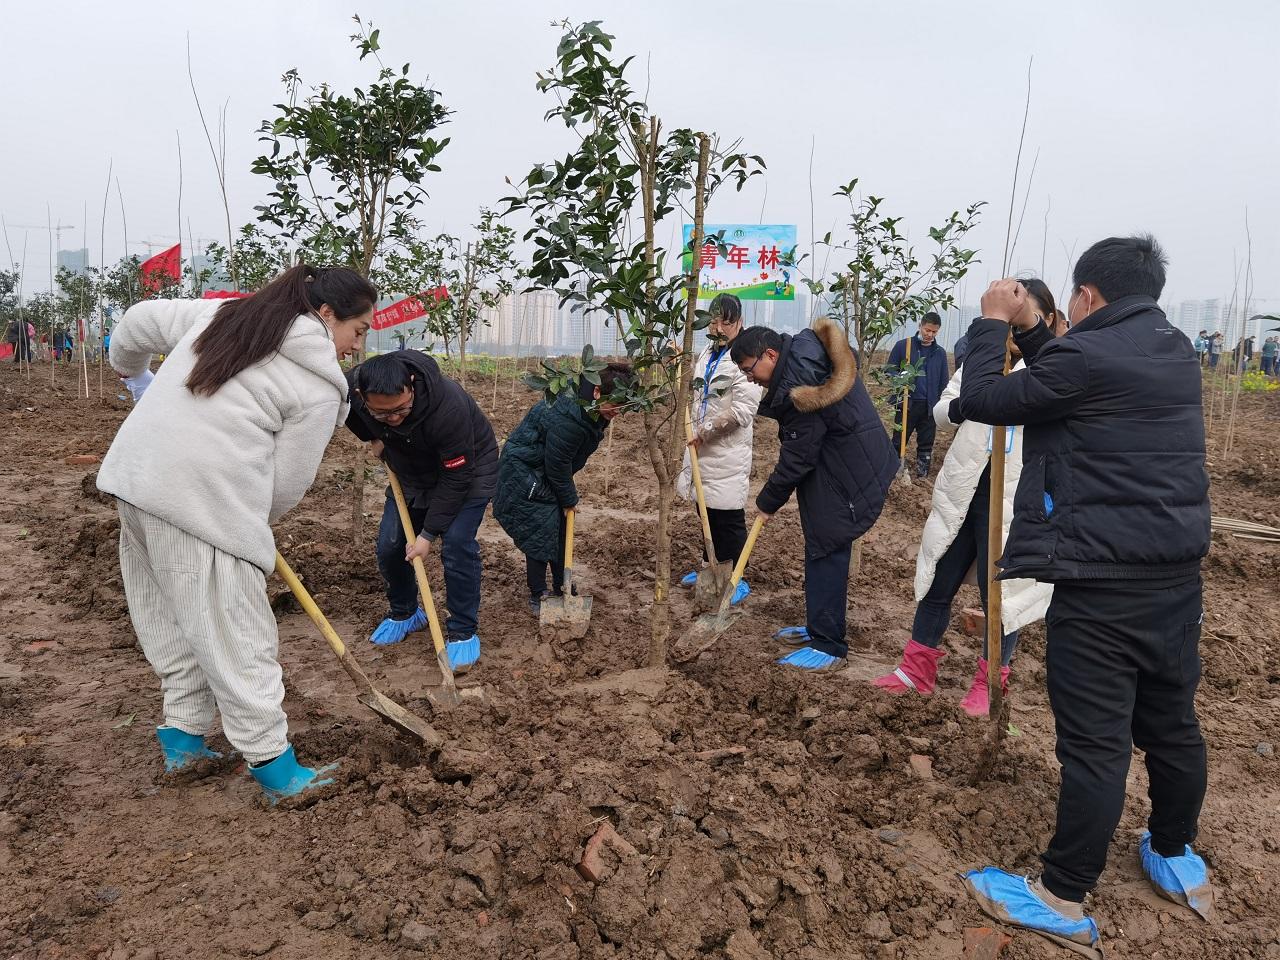 安徽迈德普斯党支部组织开展义务植树活动